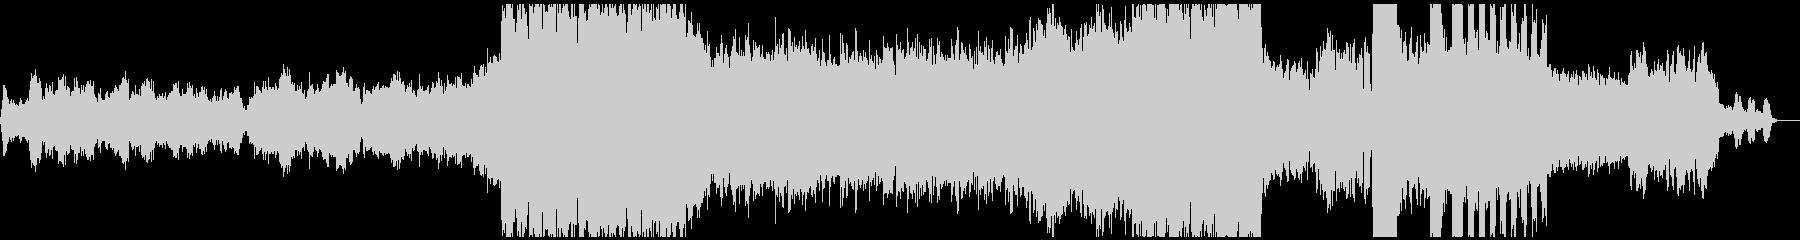 白鳥の湖01(フルオケ通常版)の未再生の波形